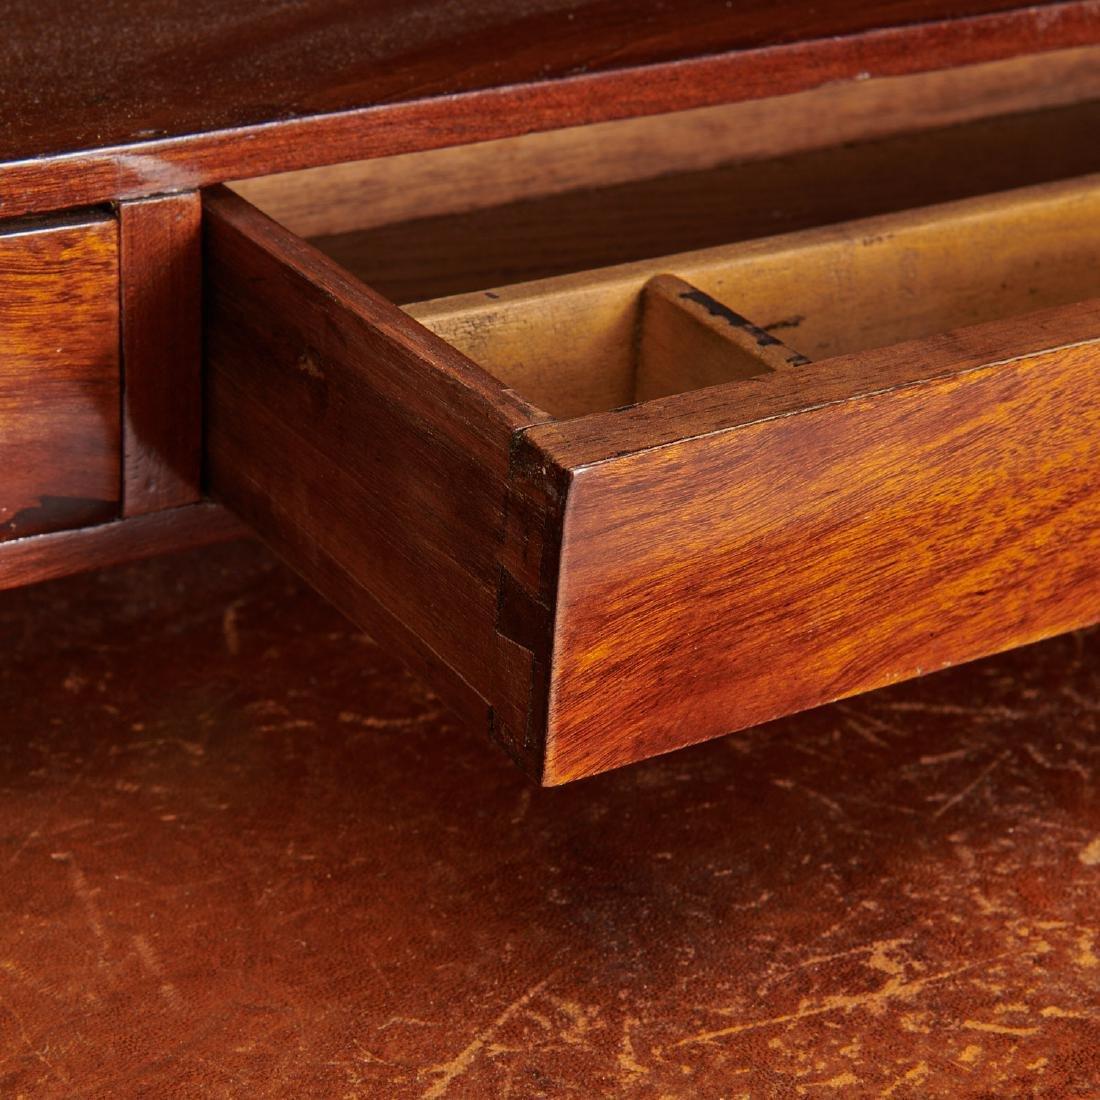 Louis XVI style bureau de cylindre - 3